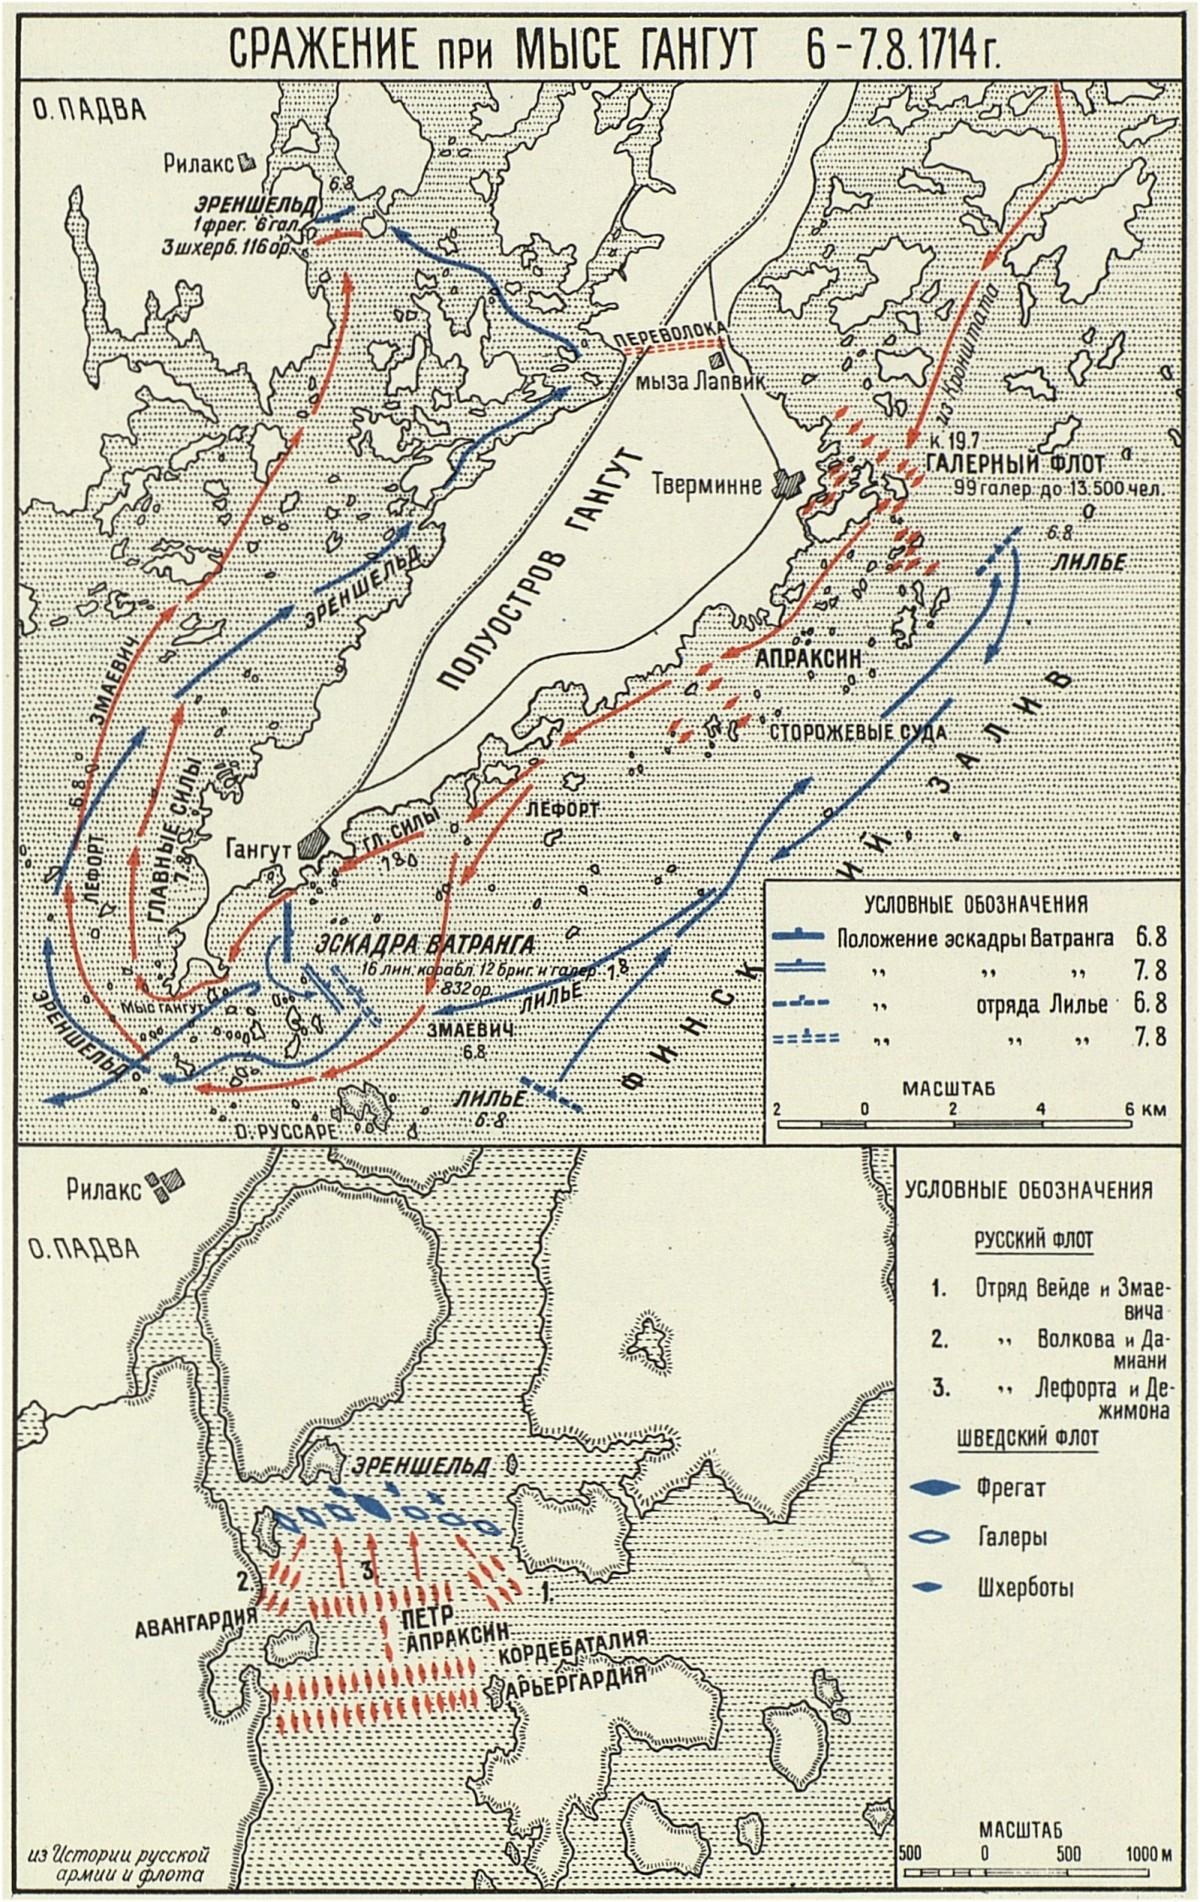 Гангутское сражение, карта